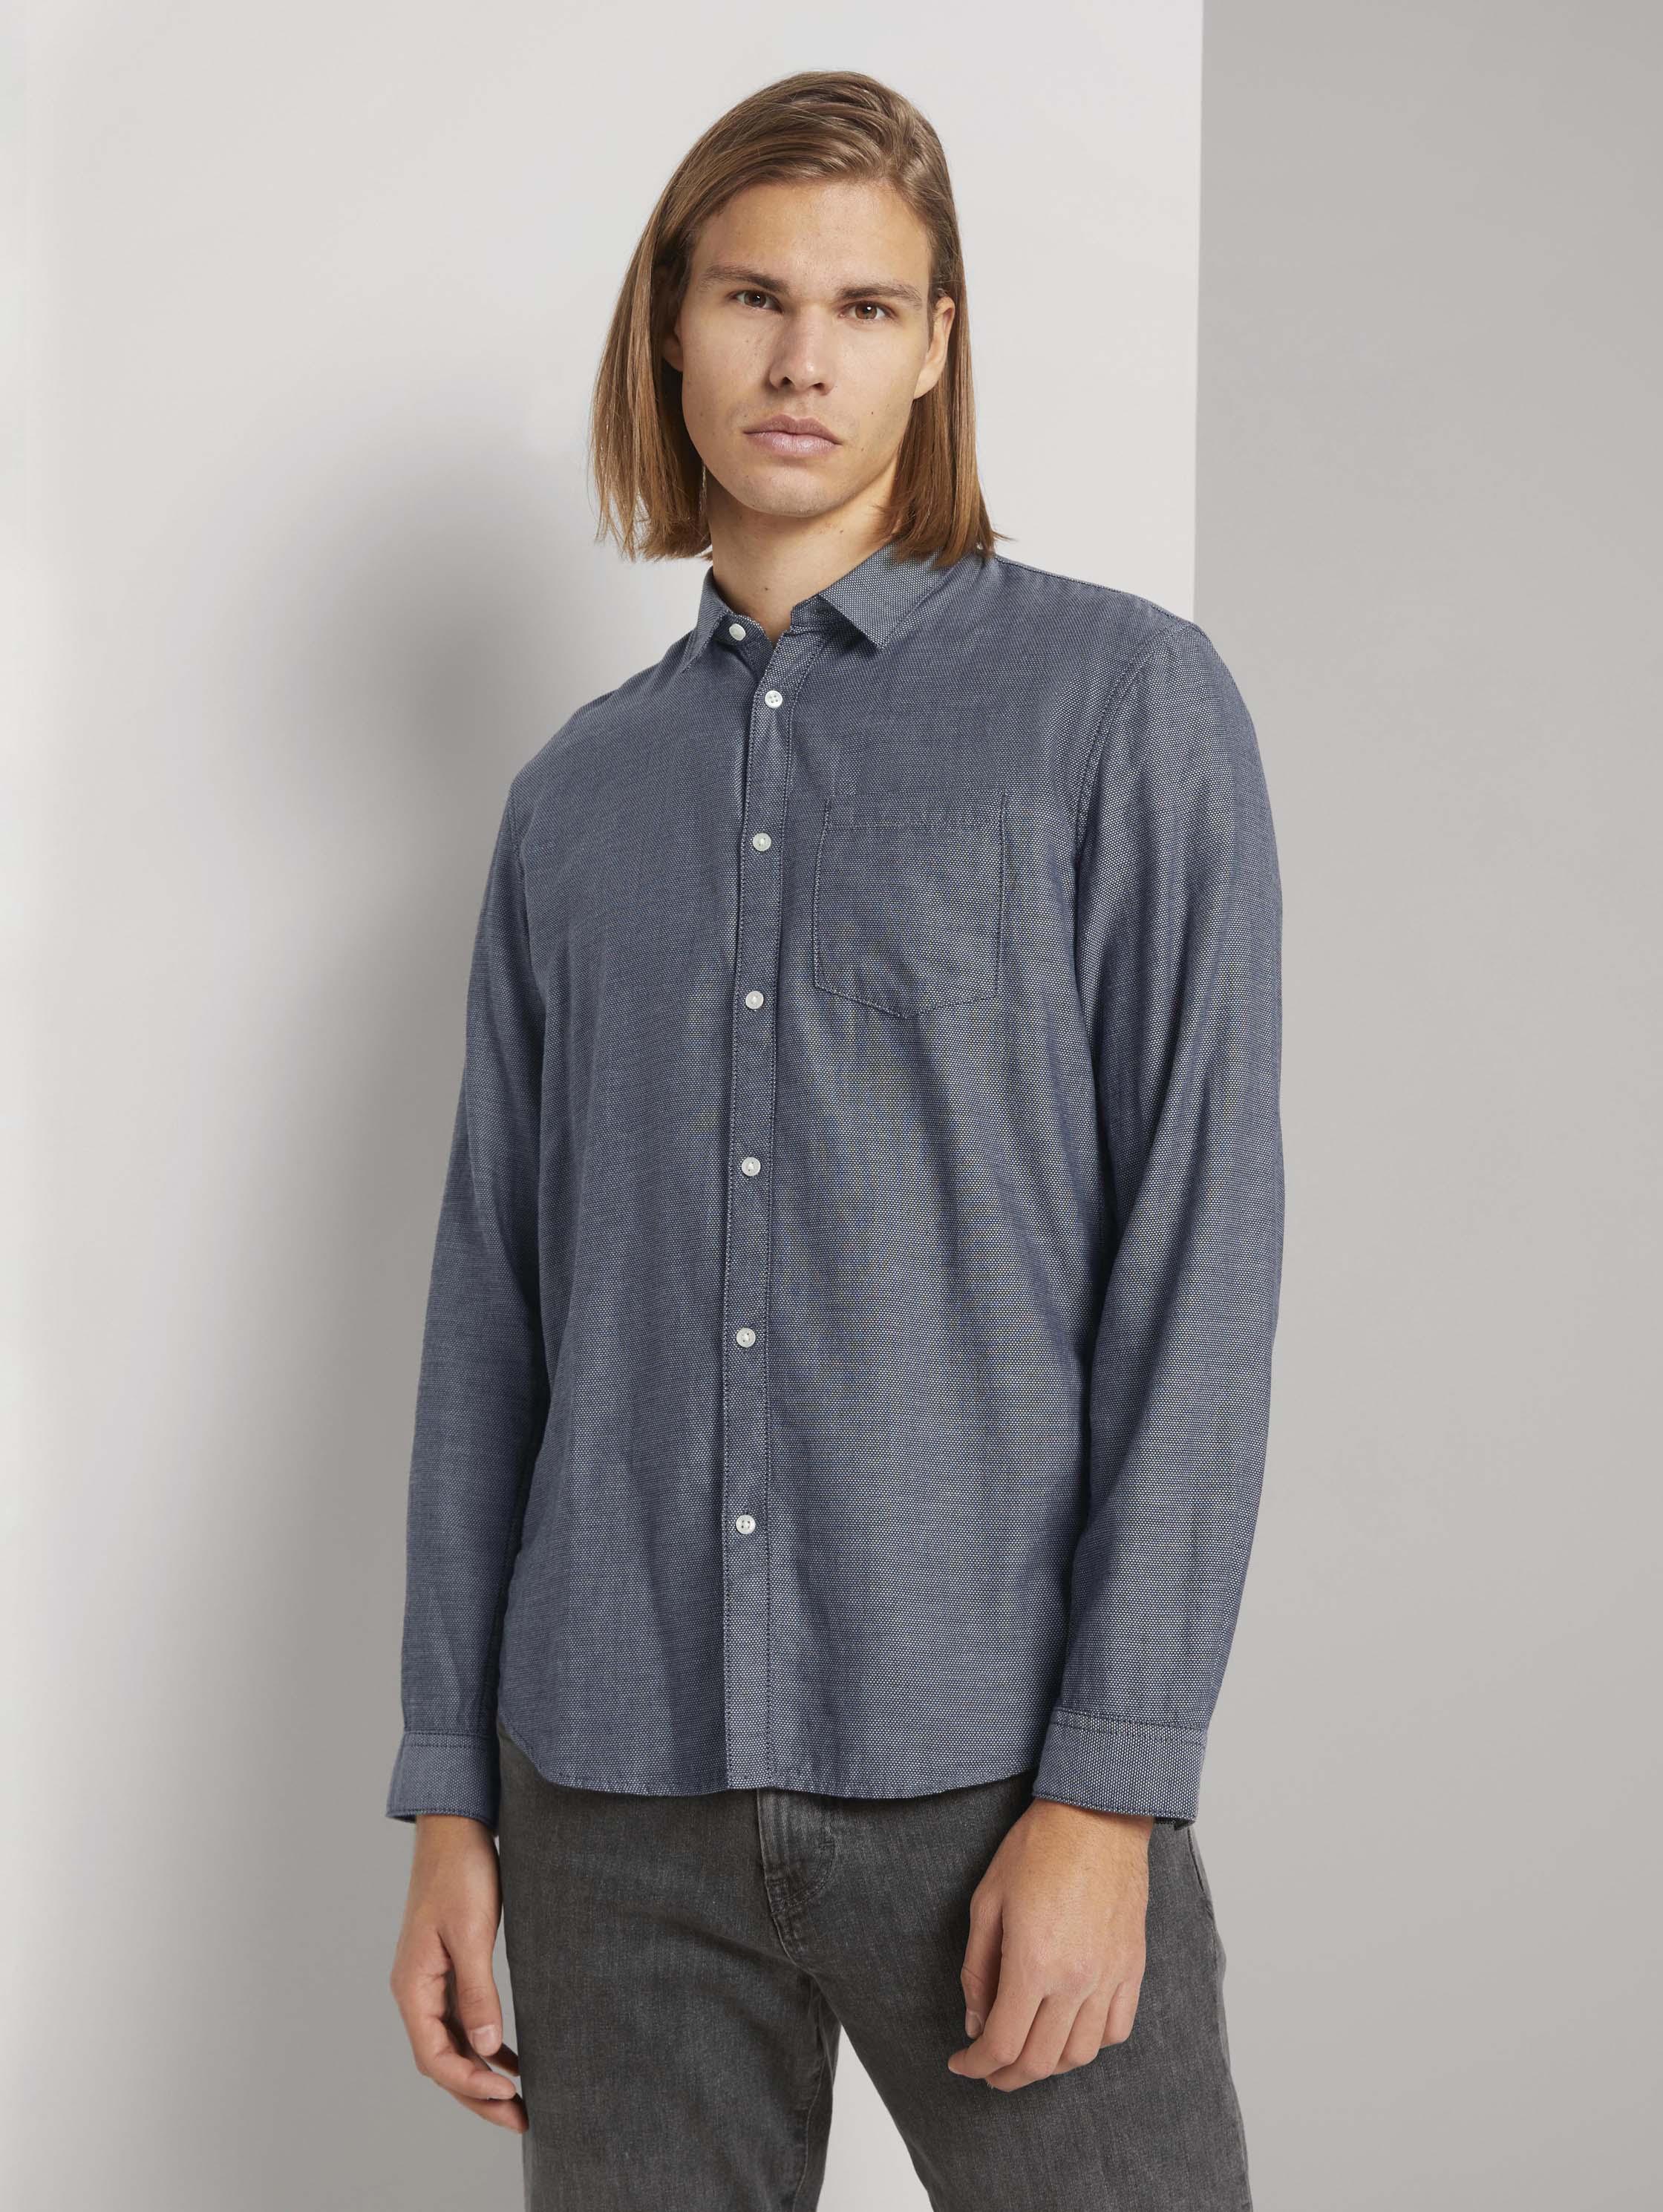 Рубашка мужская TOM TAILOR 1023839 синяя L